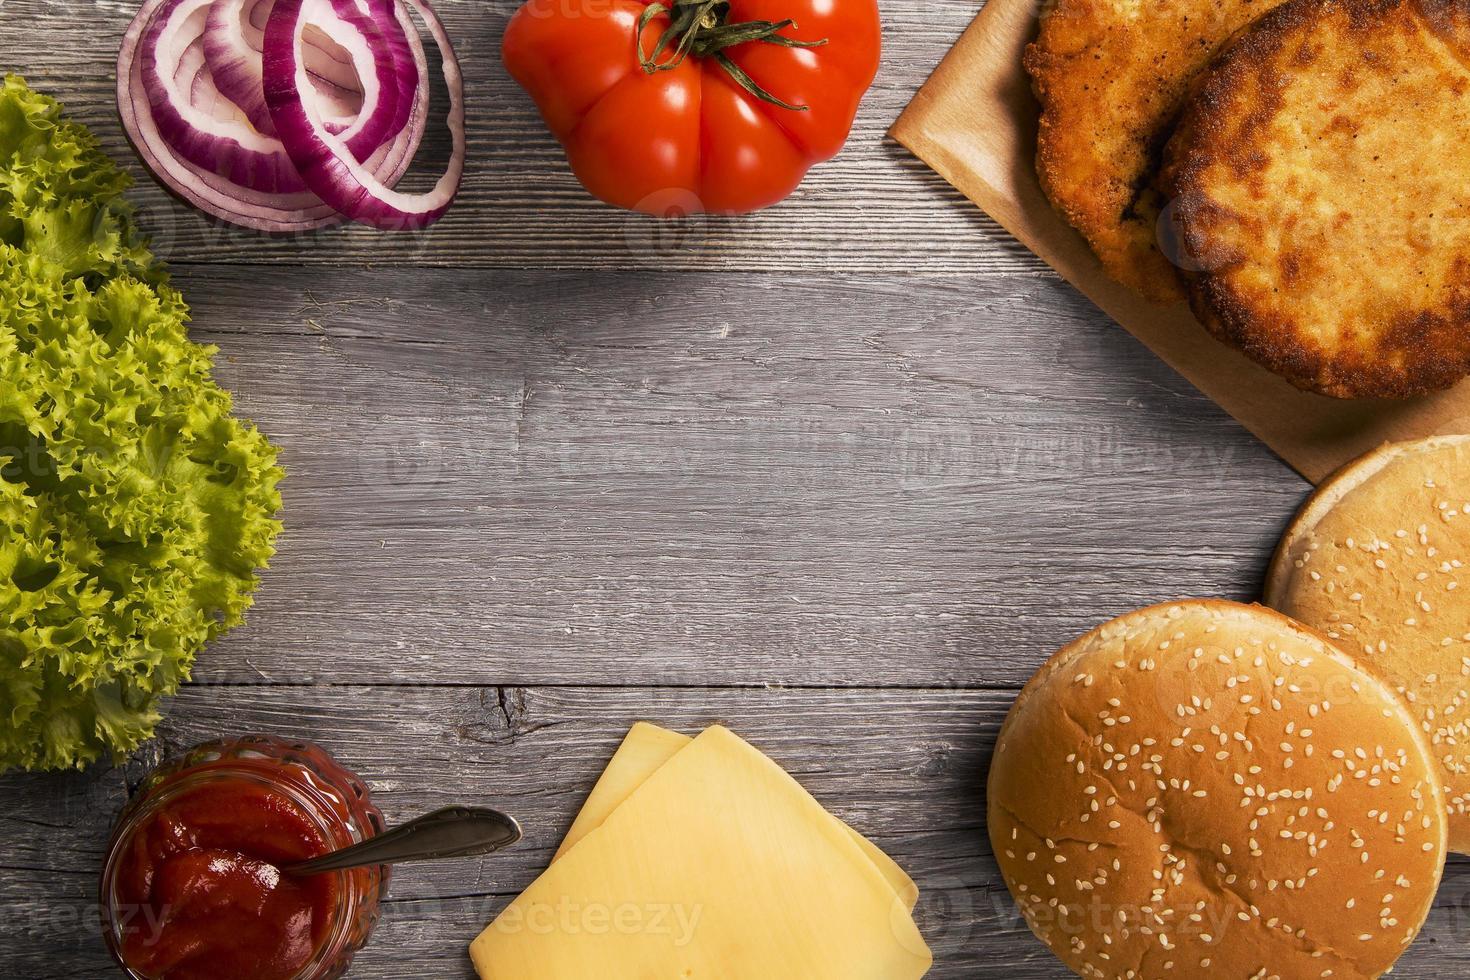 hambúrguer de frango com queijo, alface, tomate e cebola foto